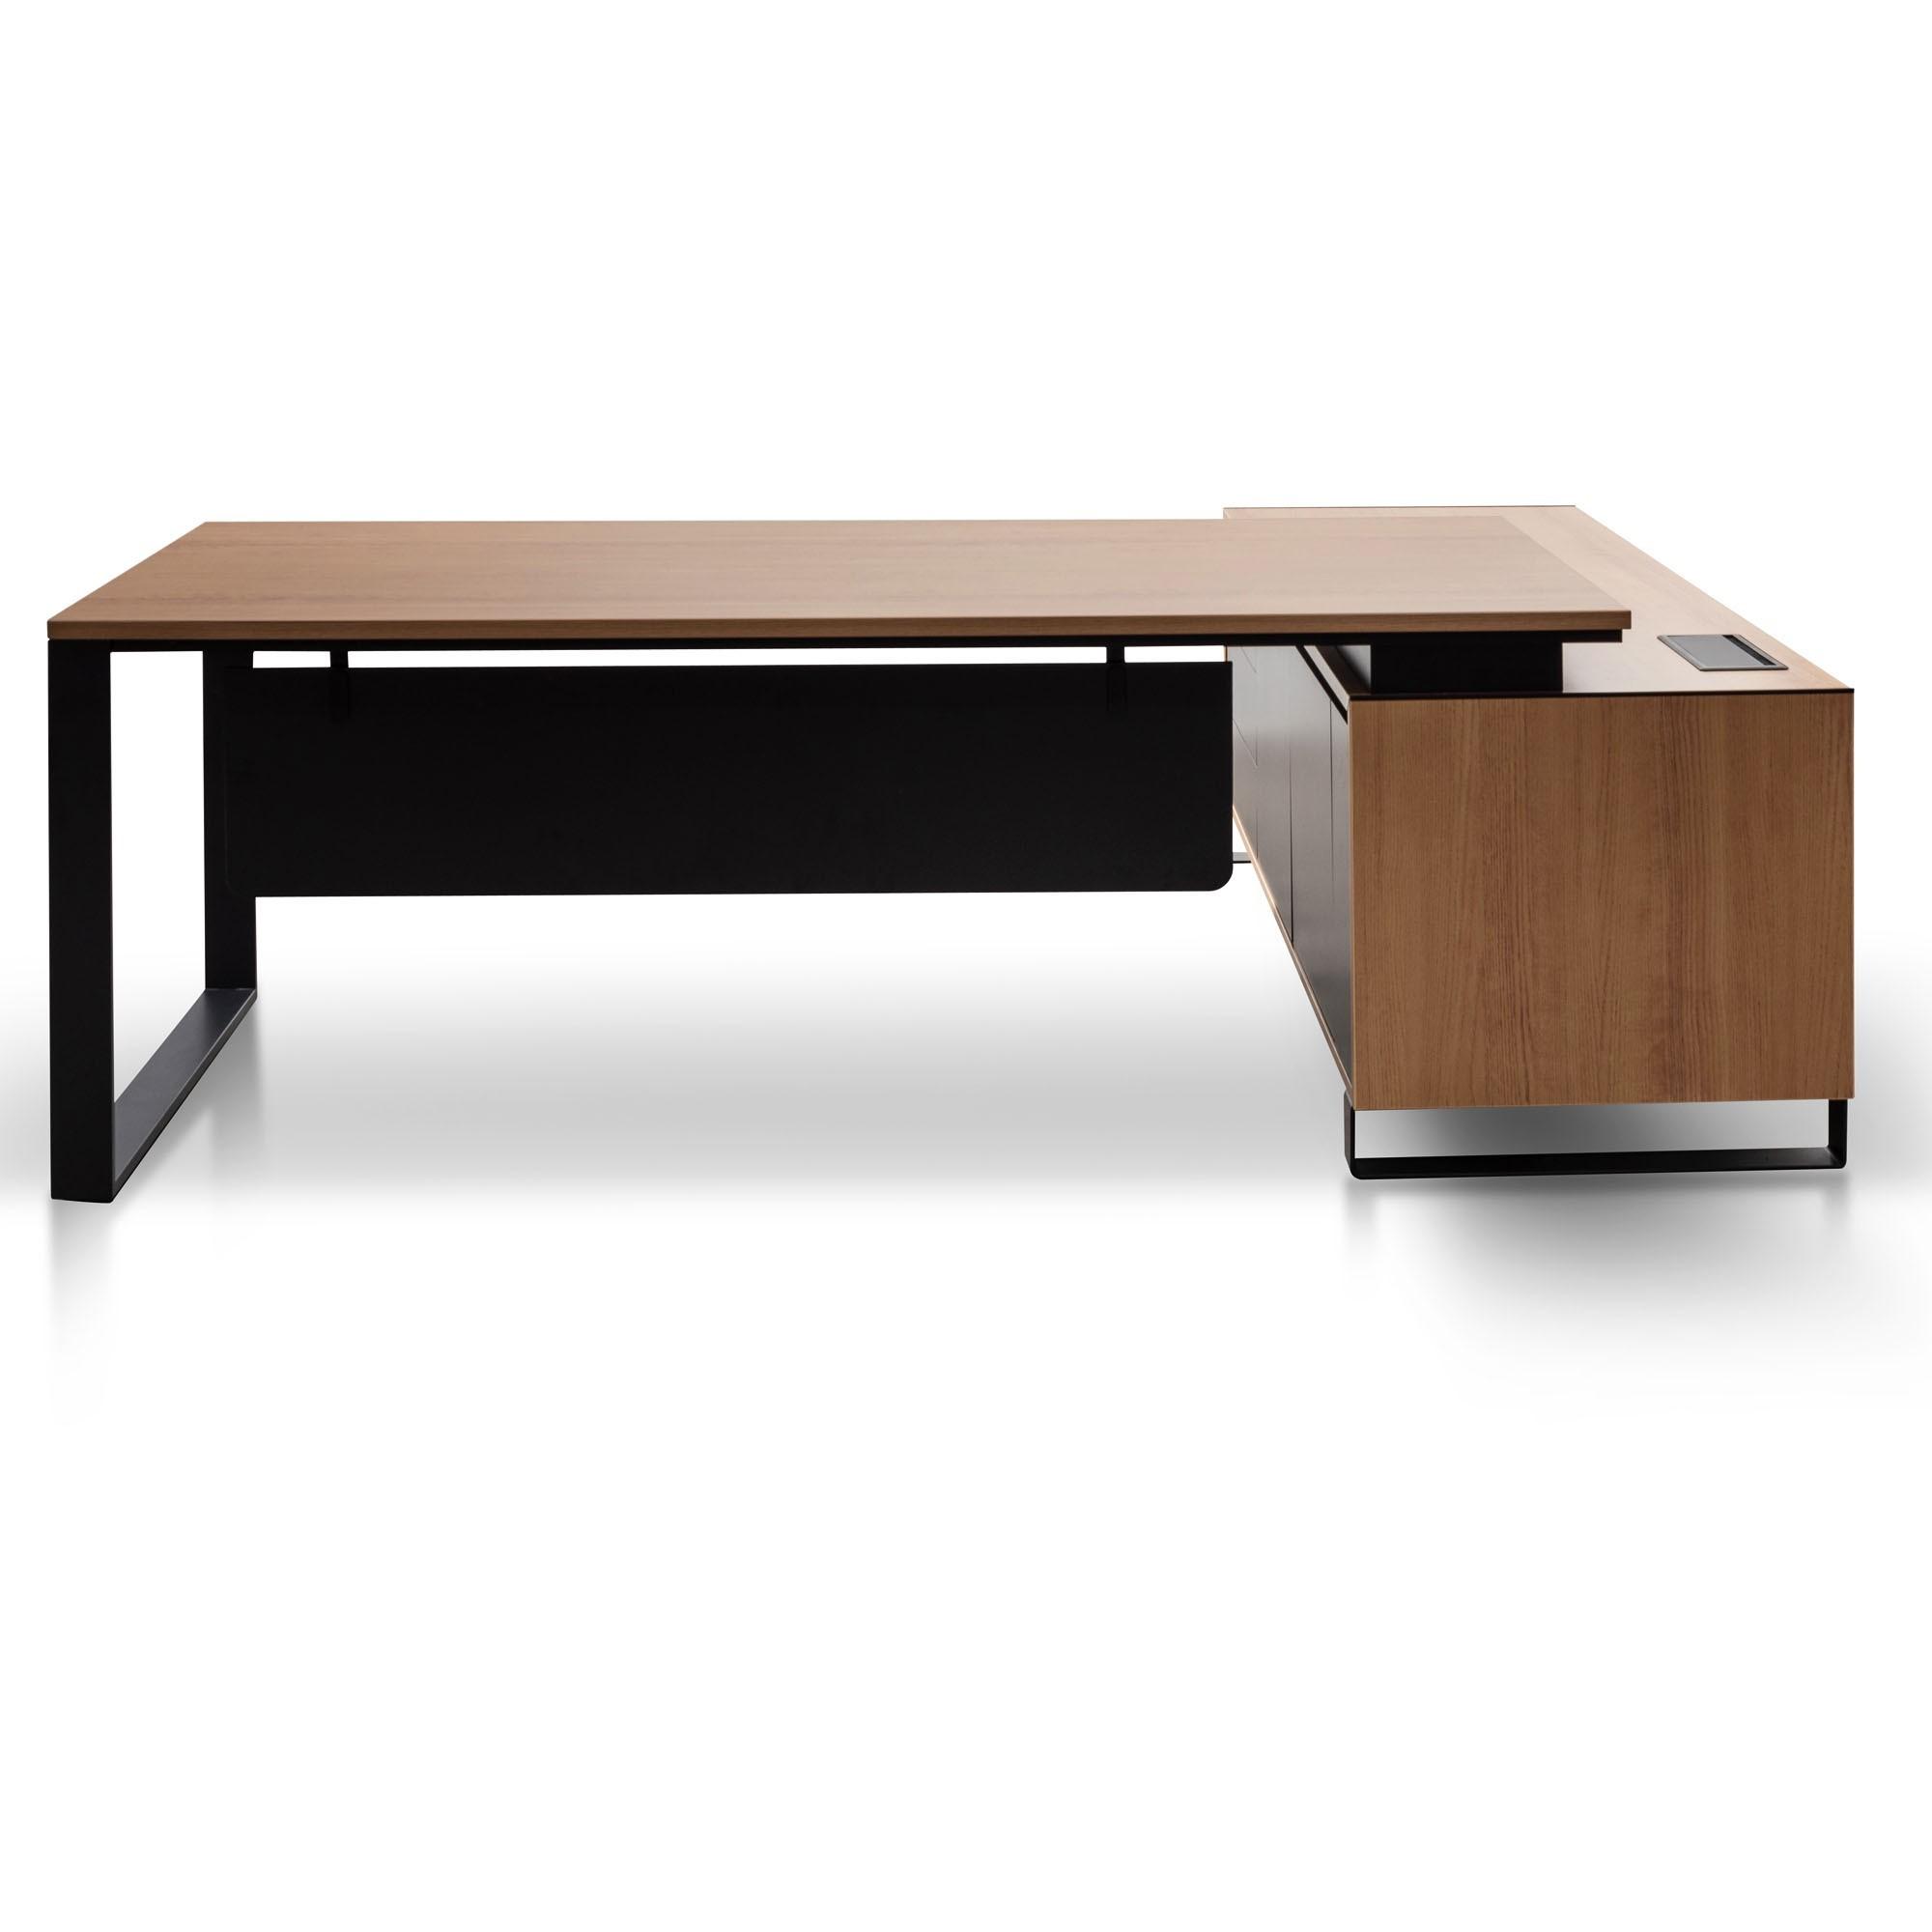 Laverne Executive Office Desk, Left Return, 230cm, Walnut / Black